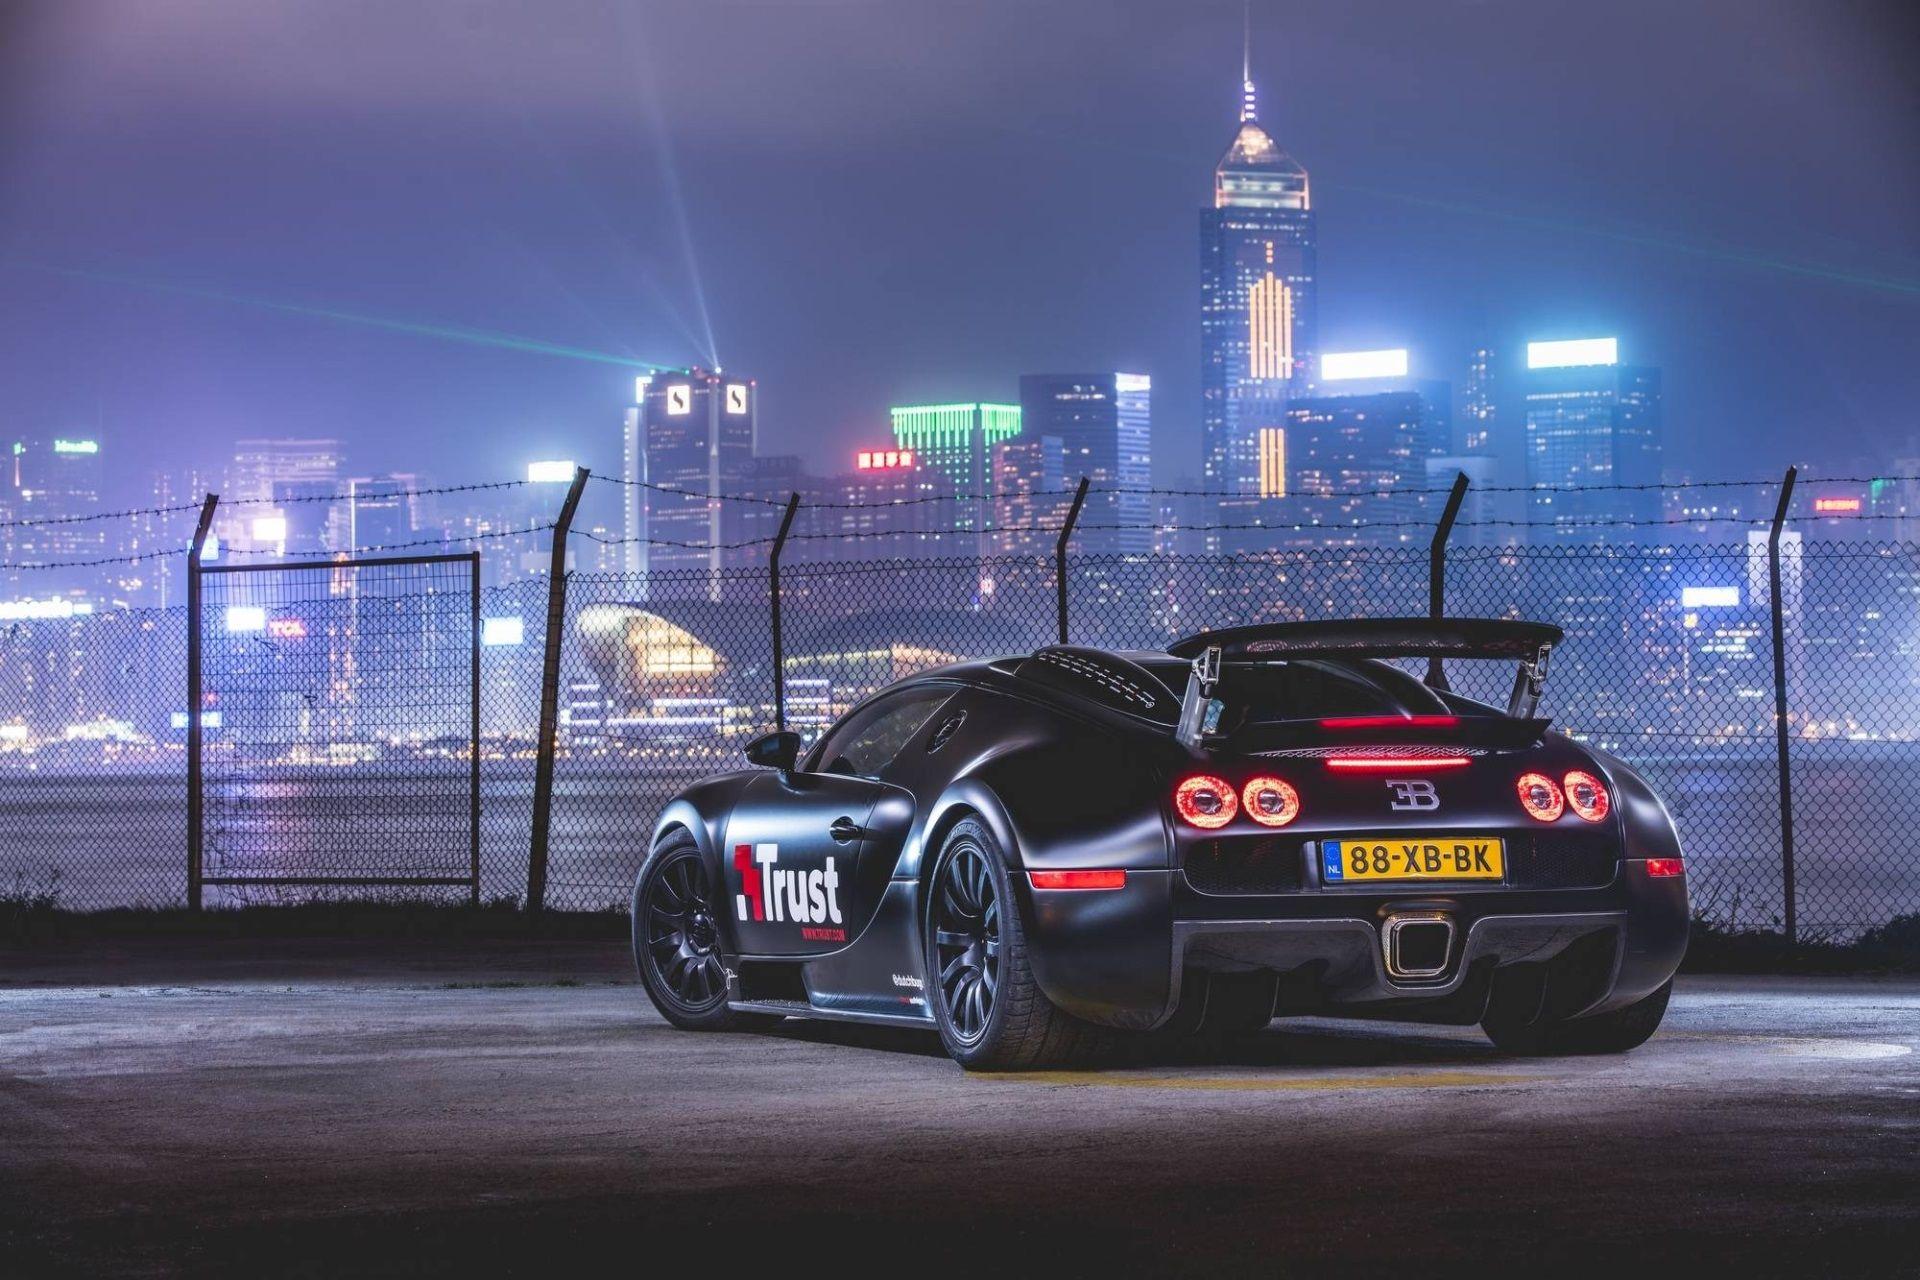 1920x1280 Bugatti Veyron Wallpaper For Desktop Background Free Download Veyron Bugatti Veyron Bugatti